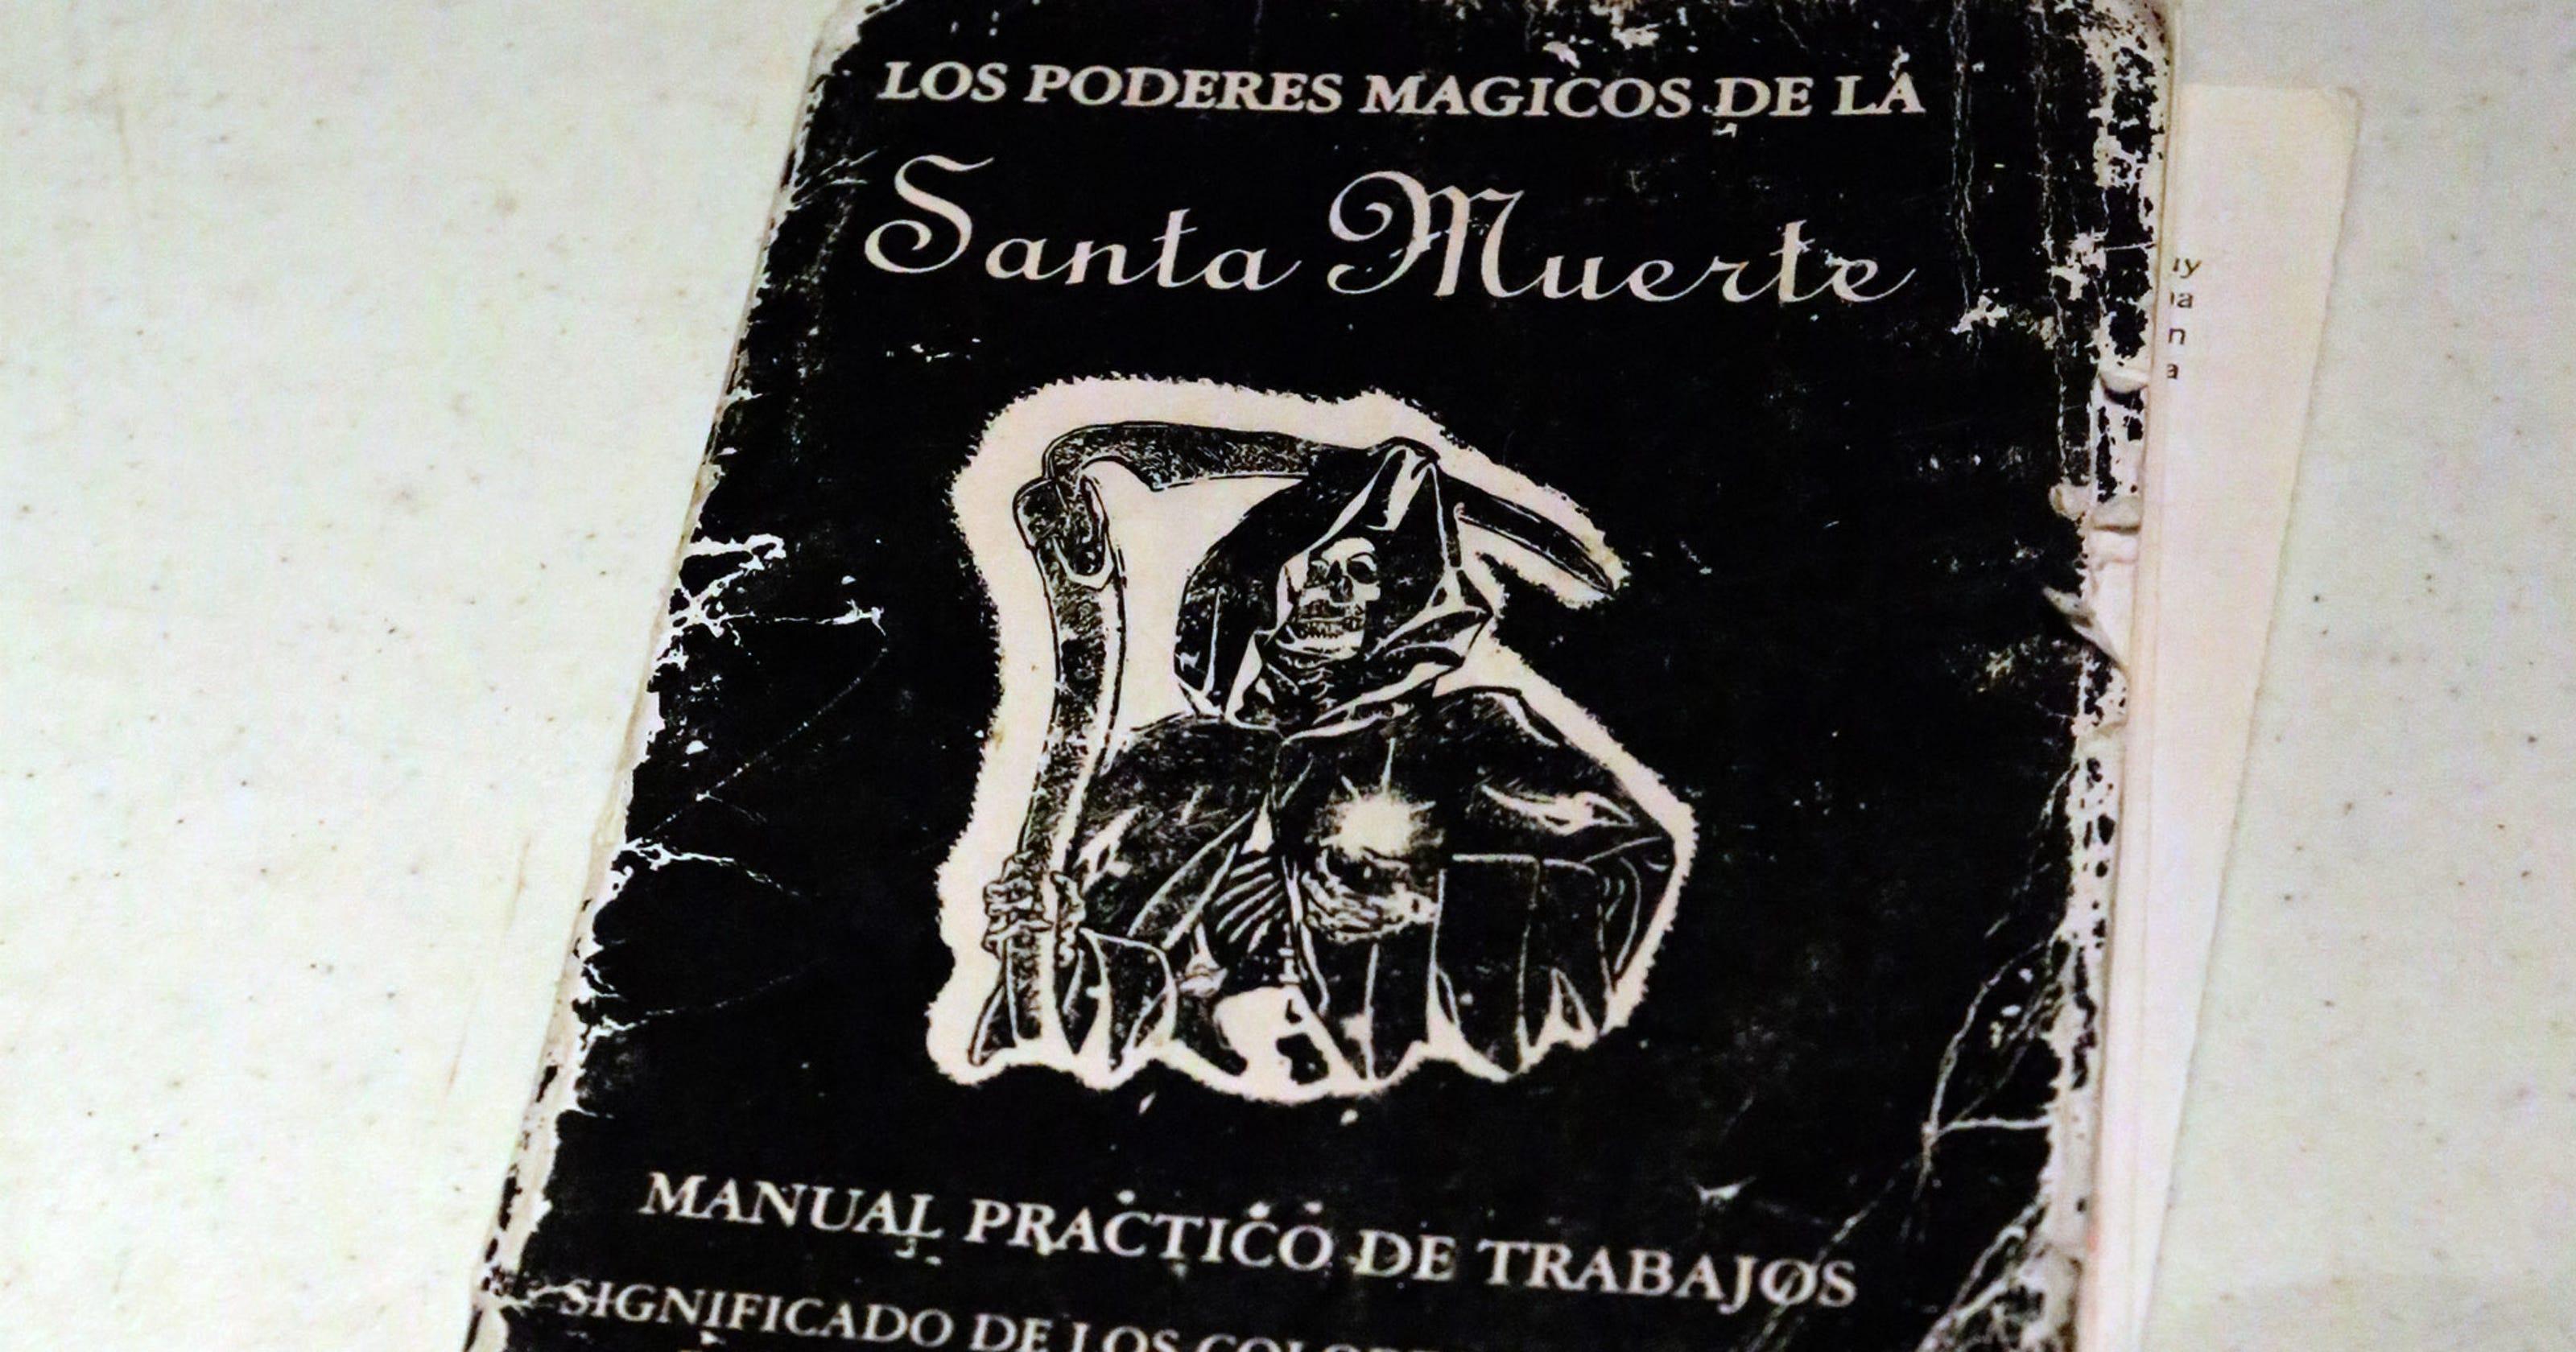 Drug cartels seek help from Catholic saints, Santa Muerte